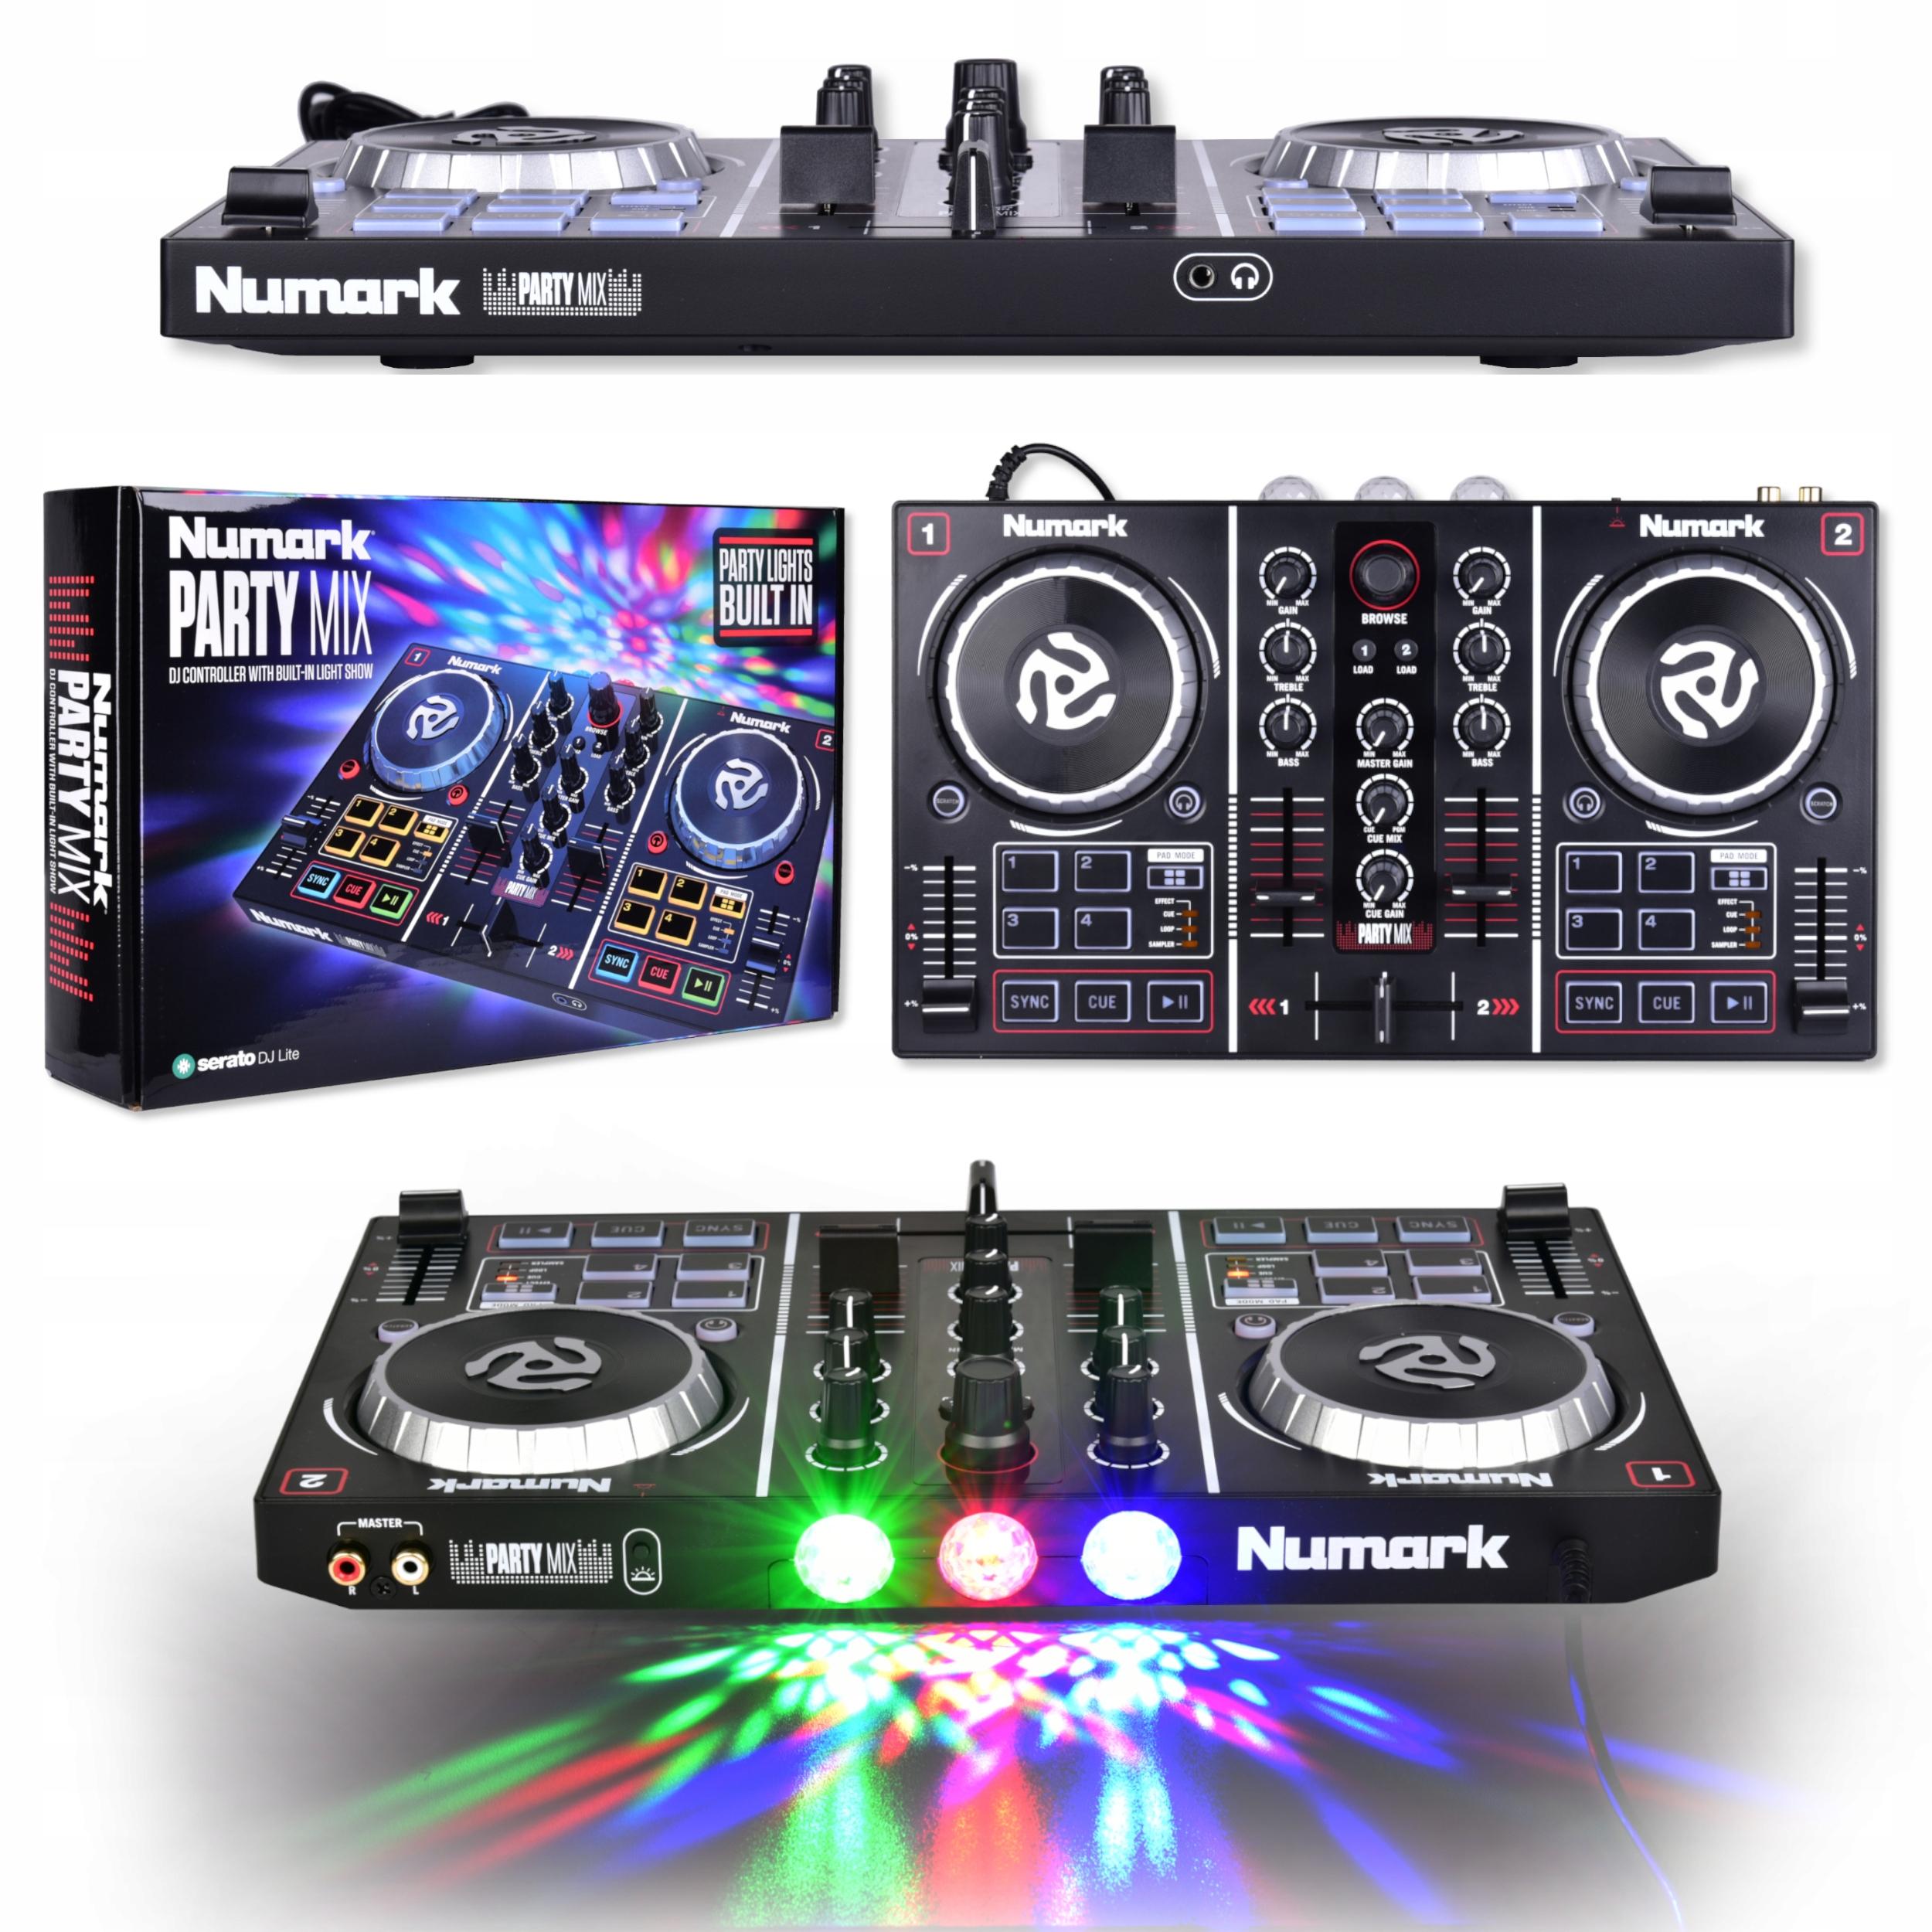 Item NUMARK PARTY MIX-DJ CONTROLLER MIXER WITH LEDS